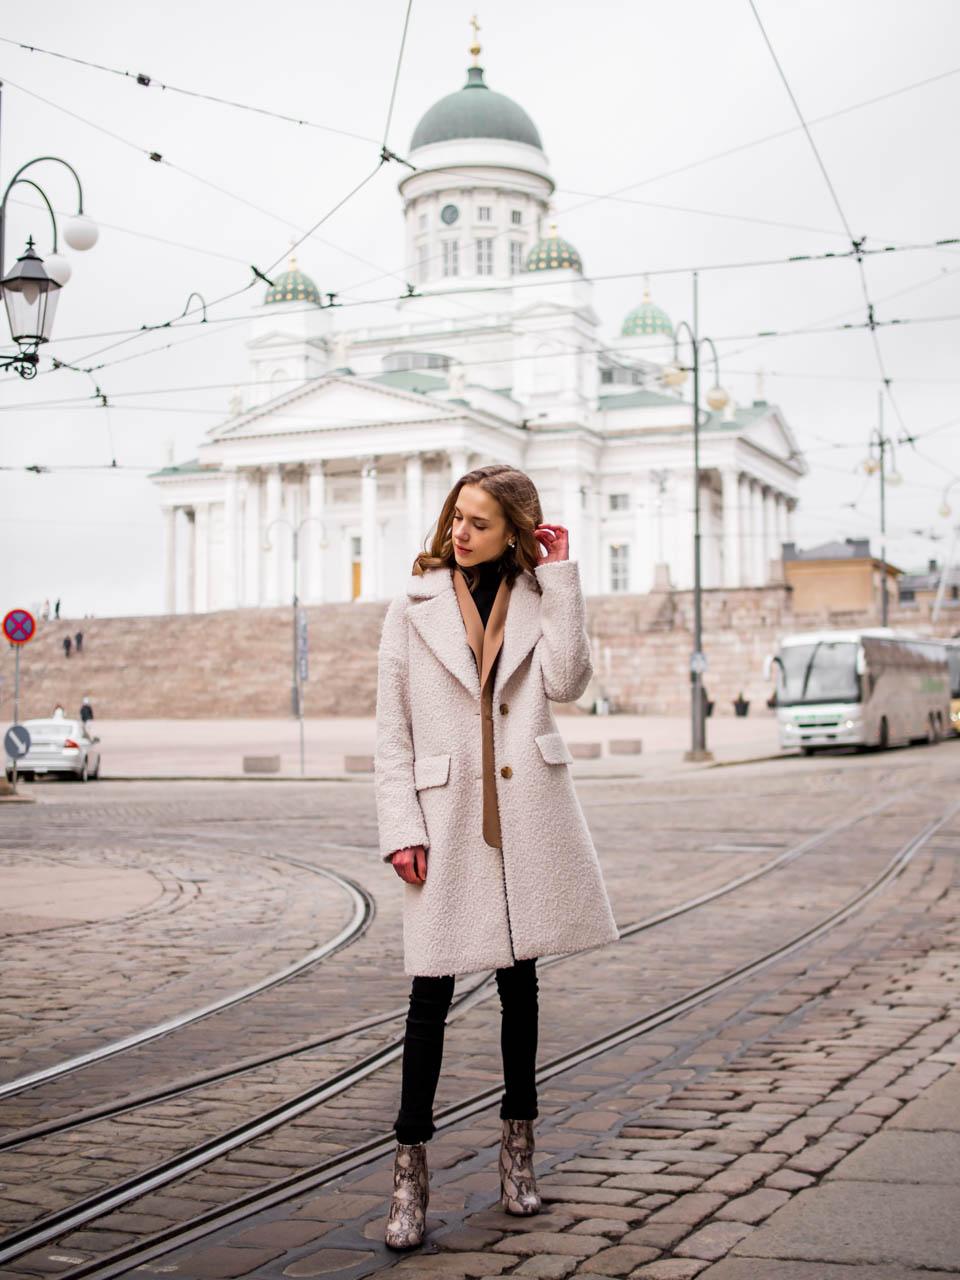 Fashion blogger winter outfit, Helsinki, Finland - Muotibloggaaja Helsinki, talviasu